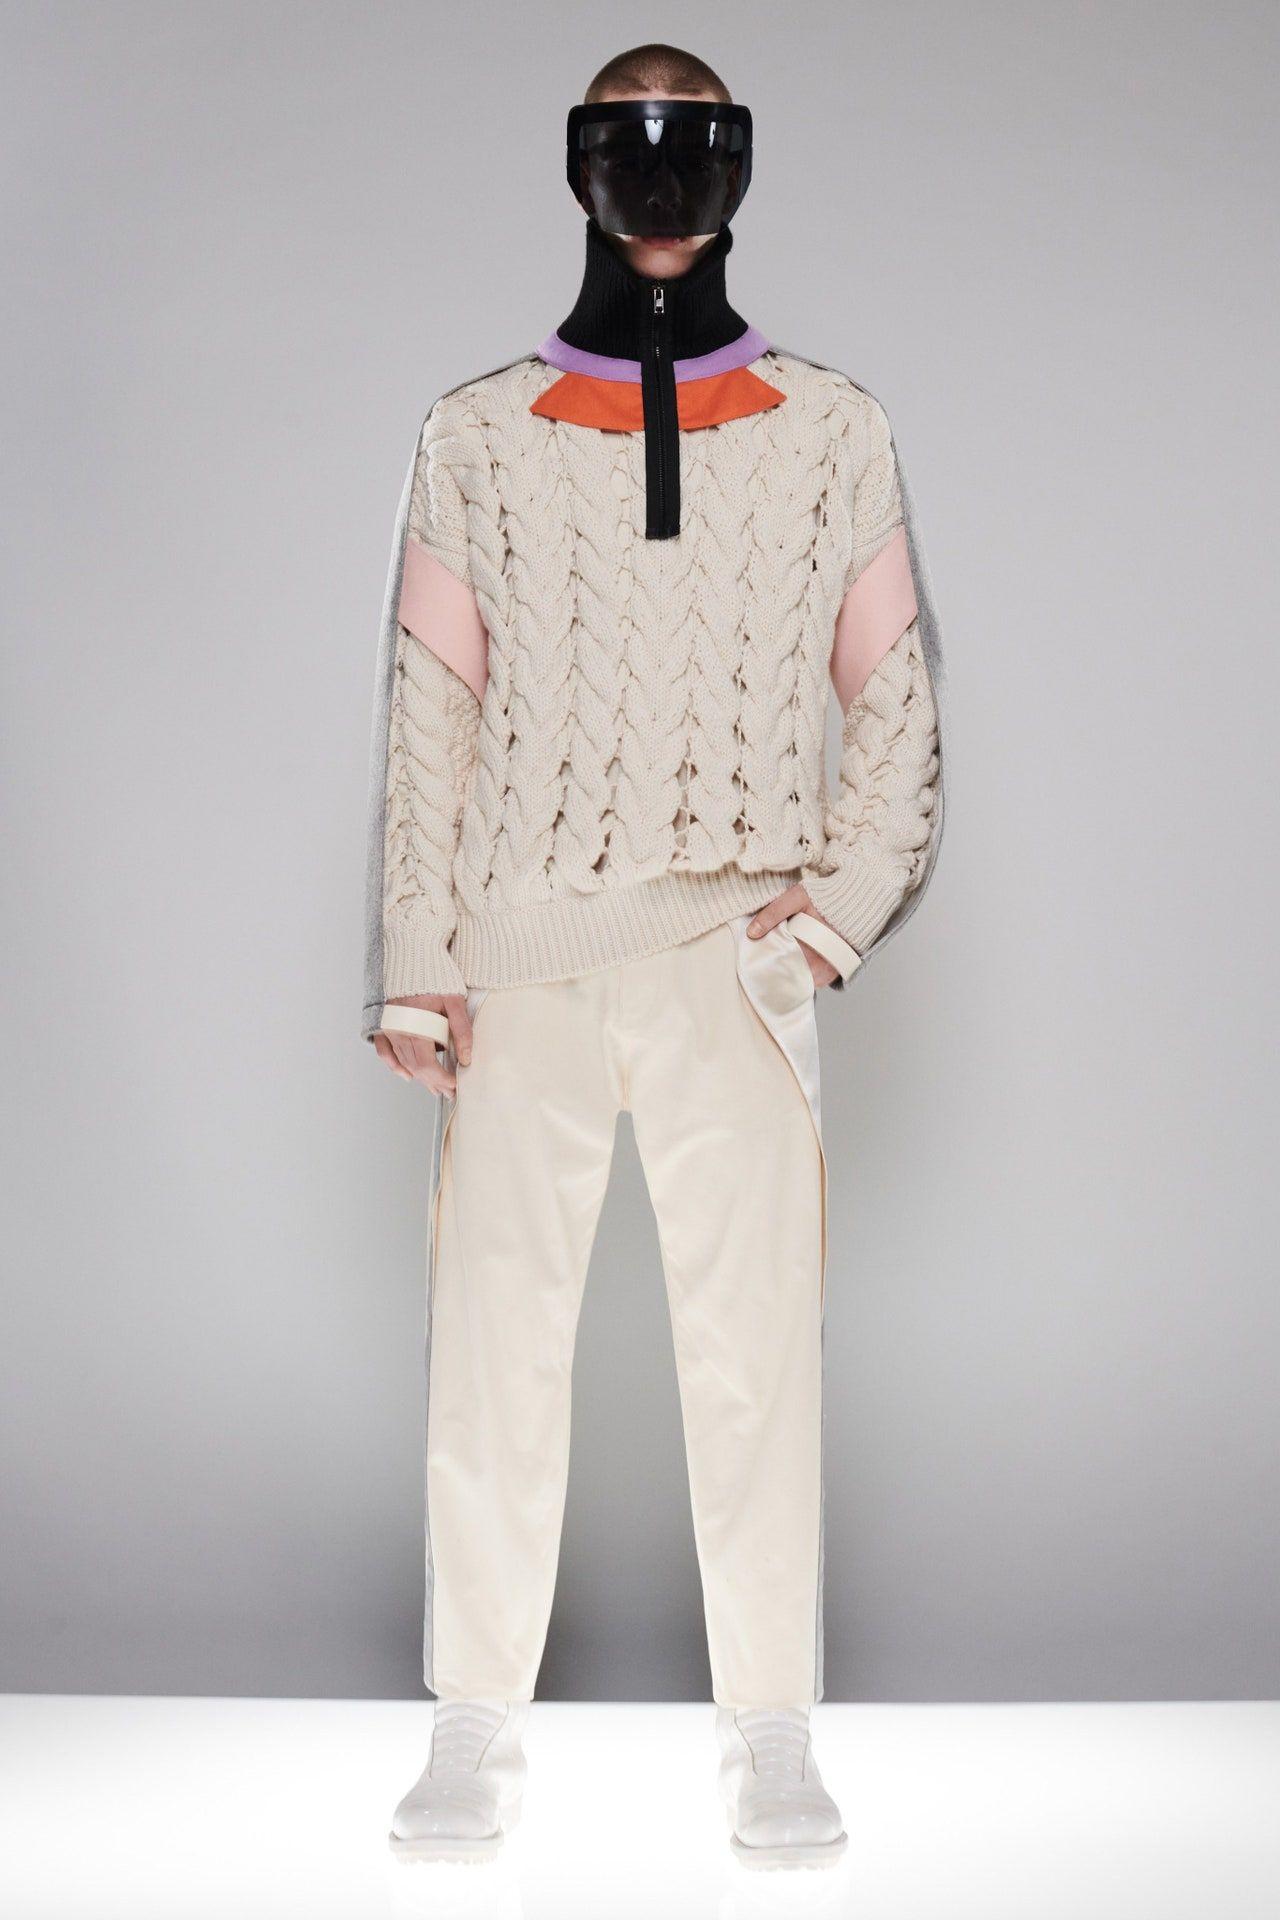 Zilver Fall Winter 202021 Lookbook in 2020 How to wear